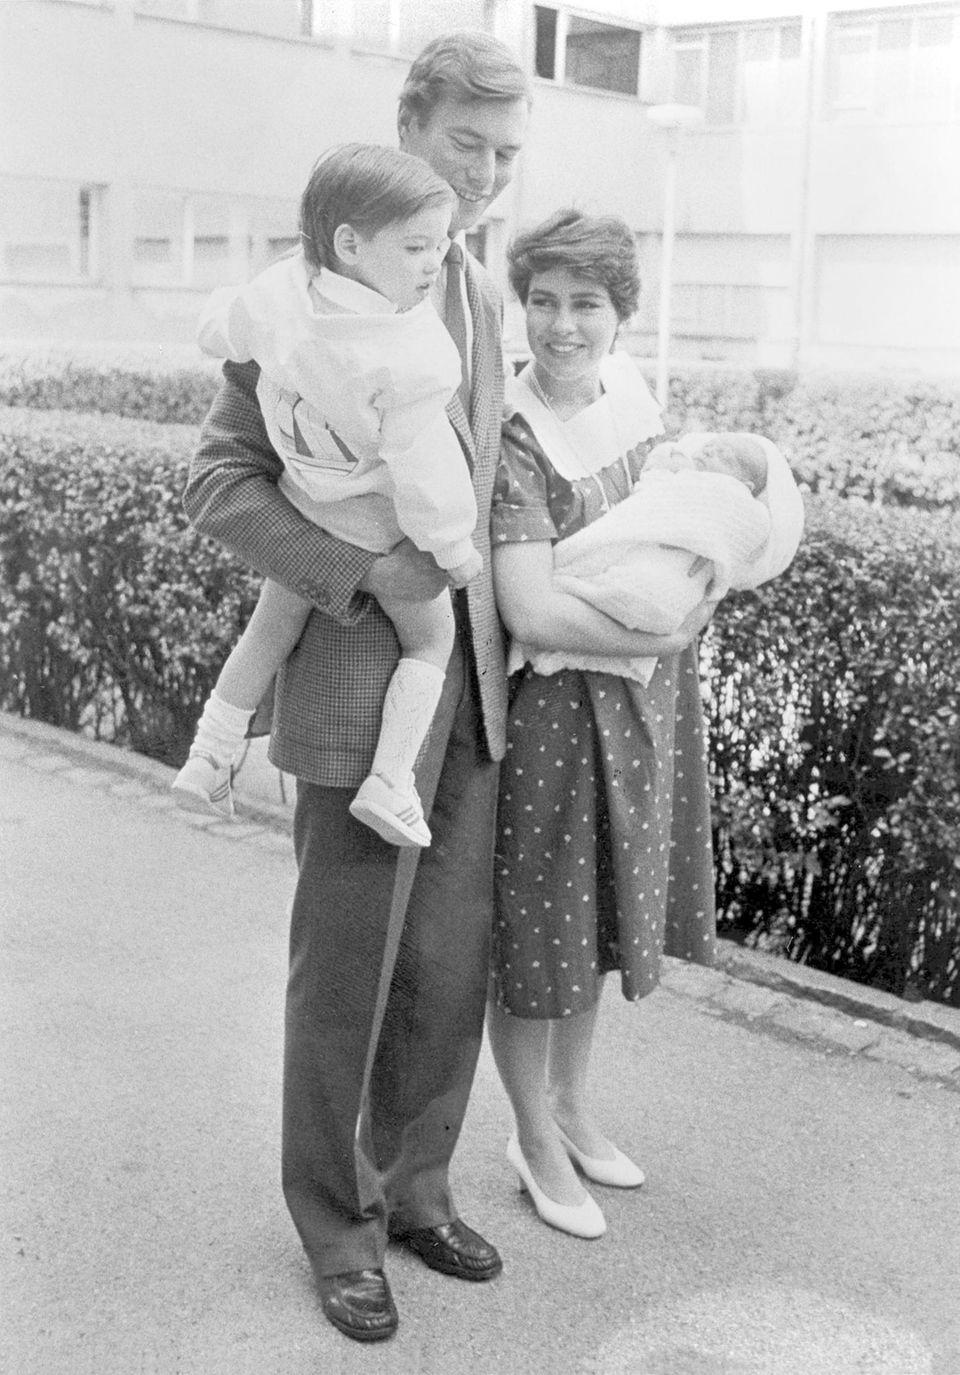 Im Juni 1984 zeigte sich die junge großherzogliche Familie um Henri und Maria Teresa schon mit zweifachem Nachwuchs: Erbgroßherzog Guillaume auf dem Arm seines Vaters, der kleine prinz Felix ist gerade wenige Tage zuvor geboren. Die Mama trägt eine fesche Kurzhaarfrisur.